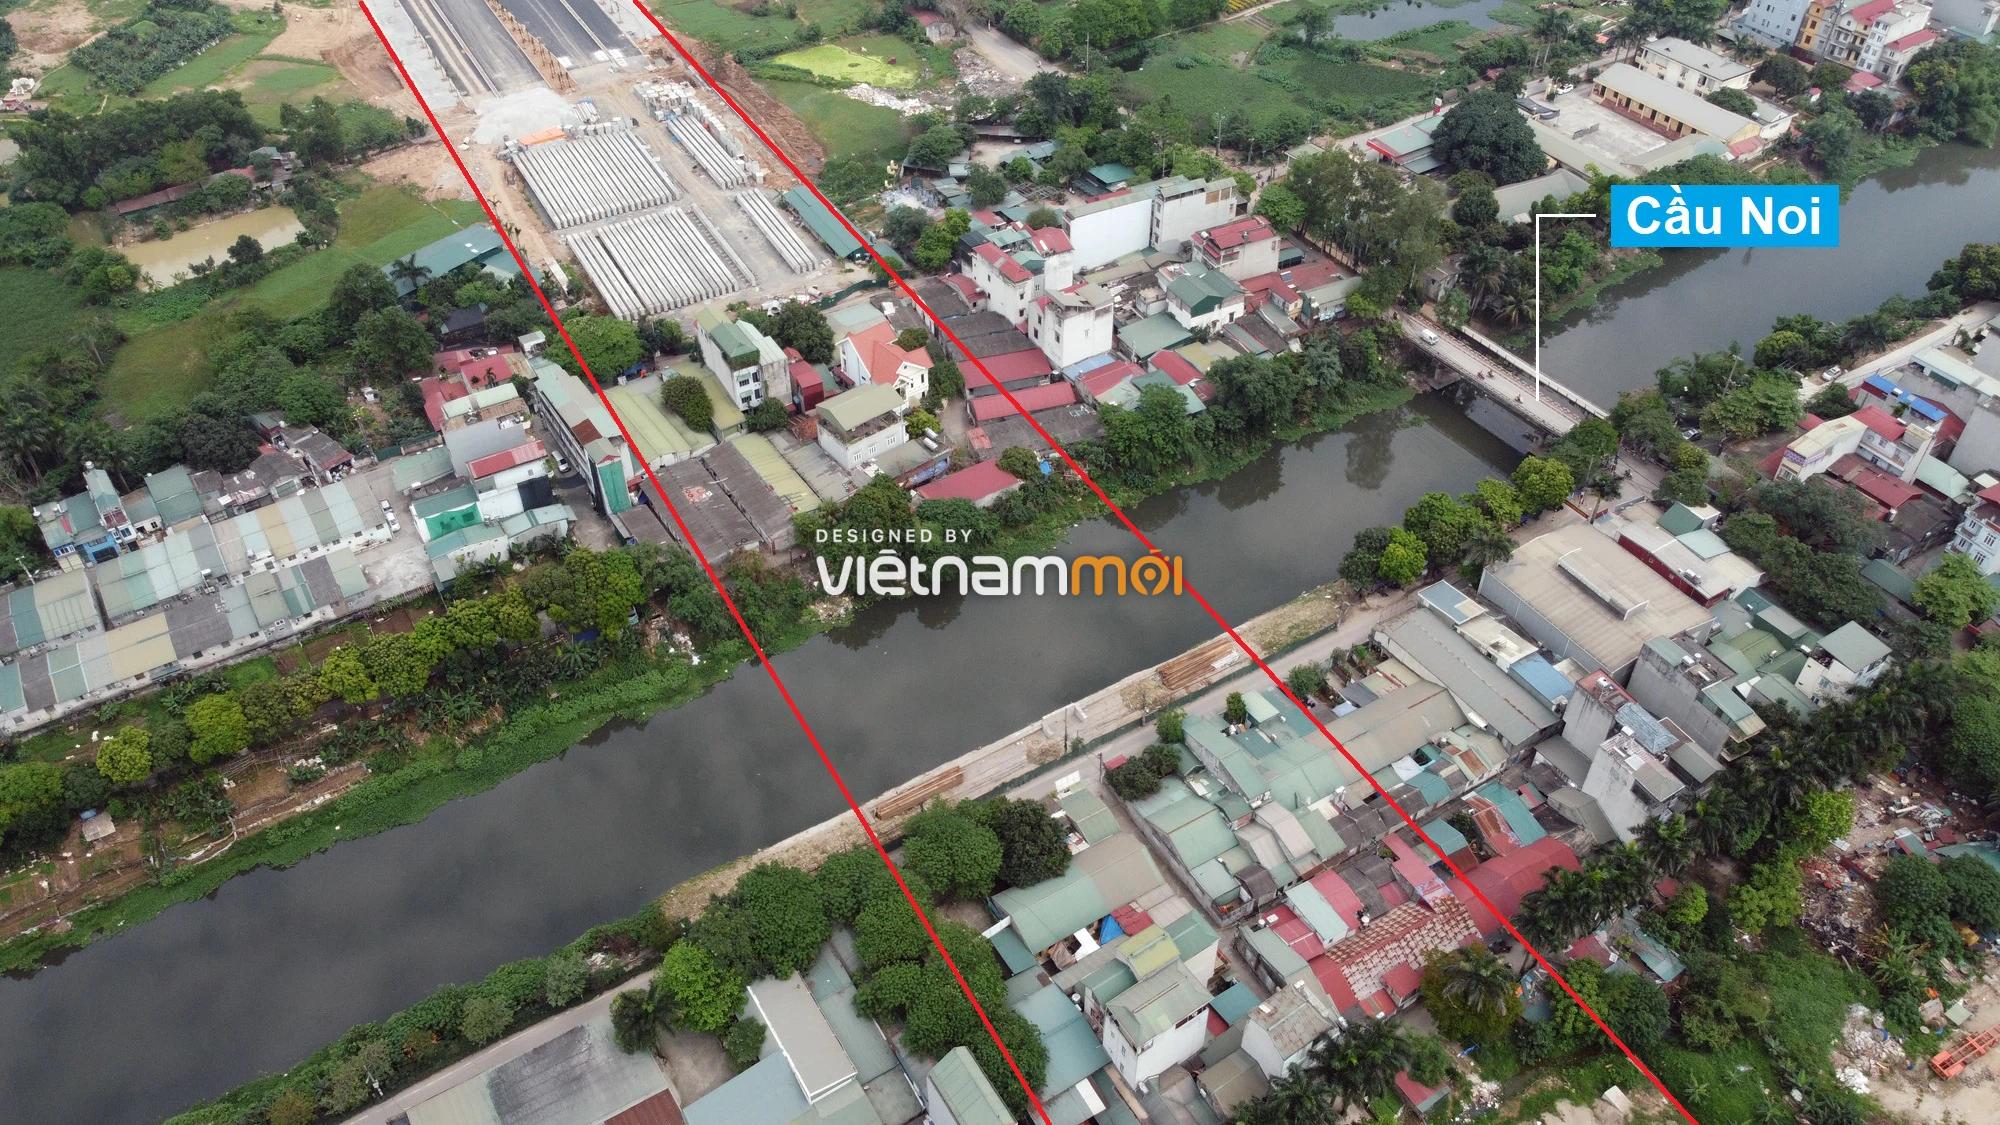 Những khu đất sắp thu hồi để mở đường ở quận Bắc Từ Liêm, Hà Nội (phần 2) - Ảnh 7.